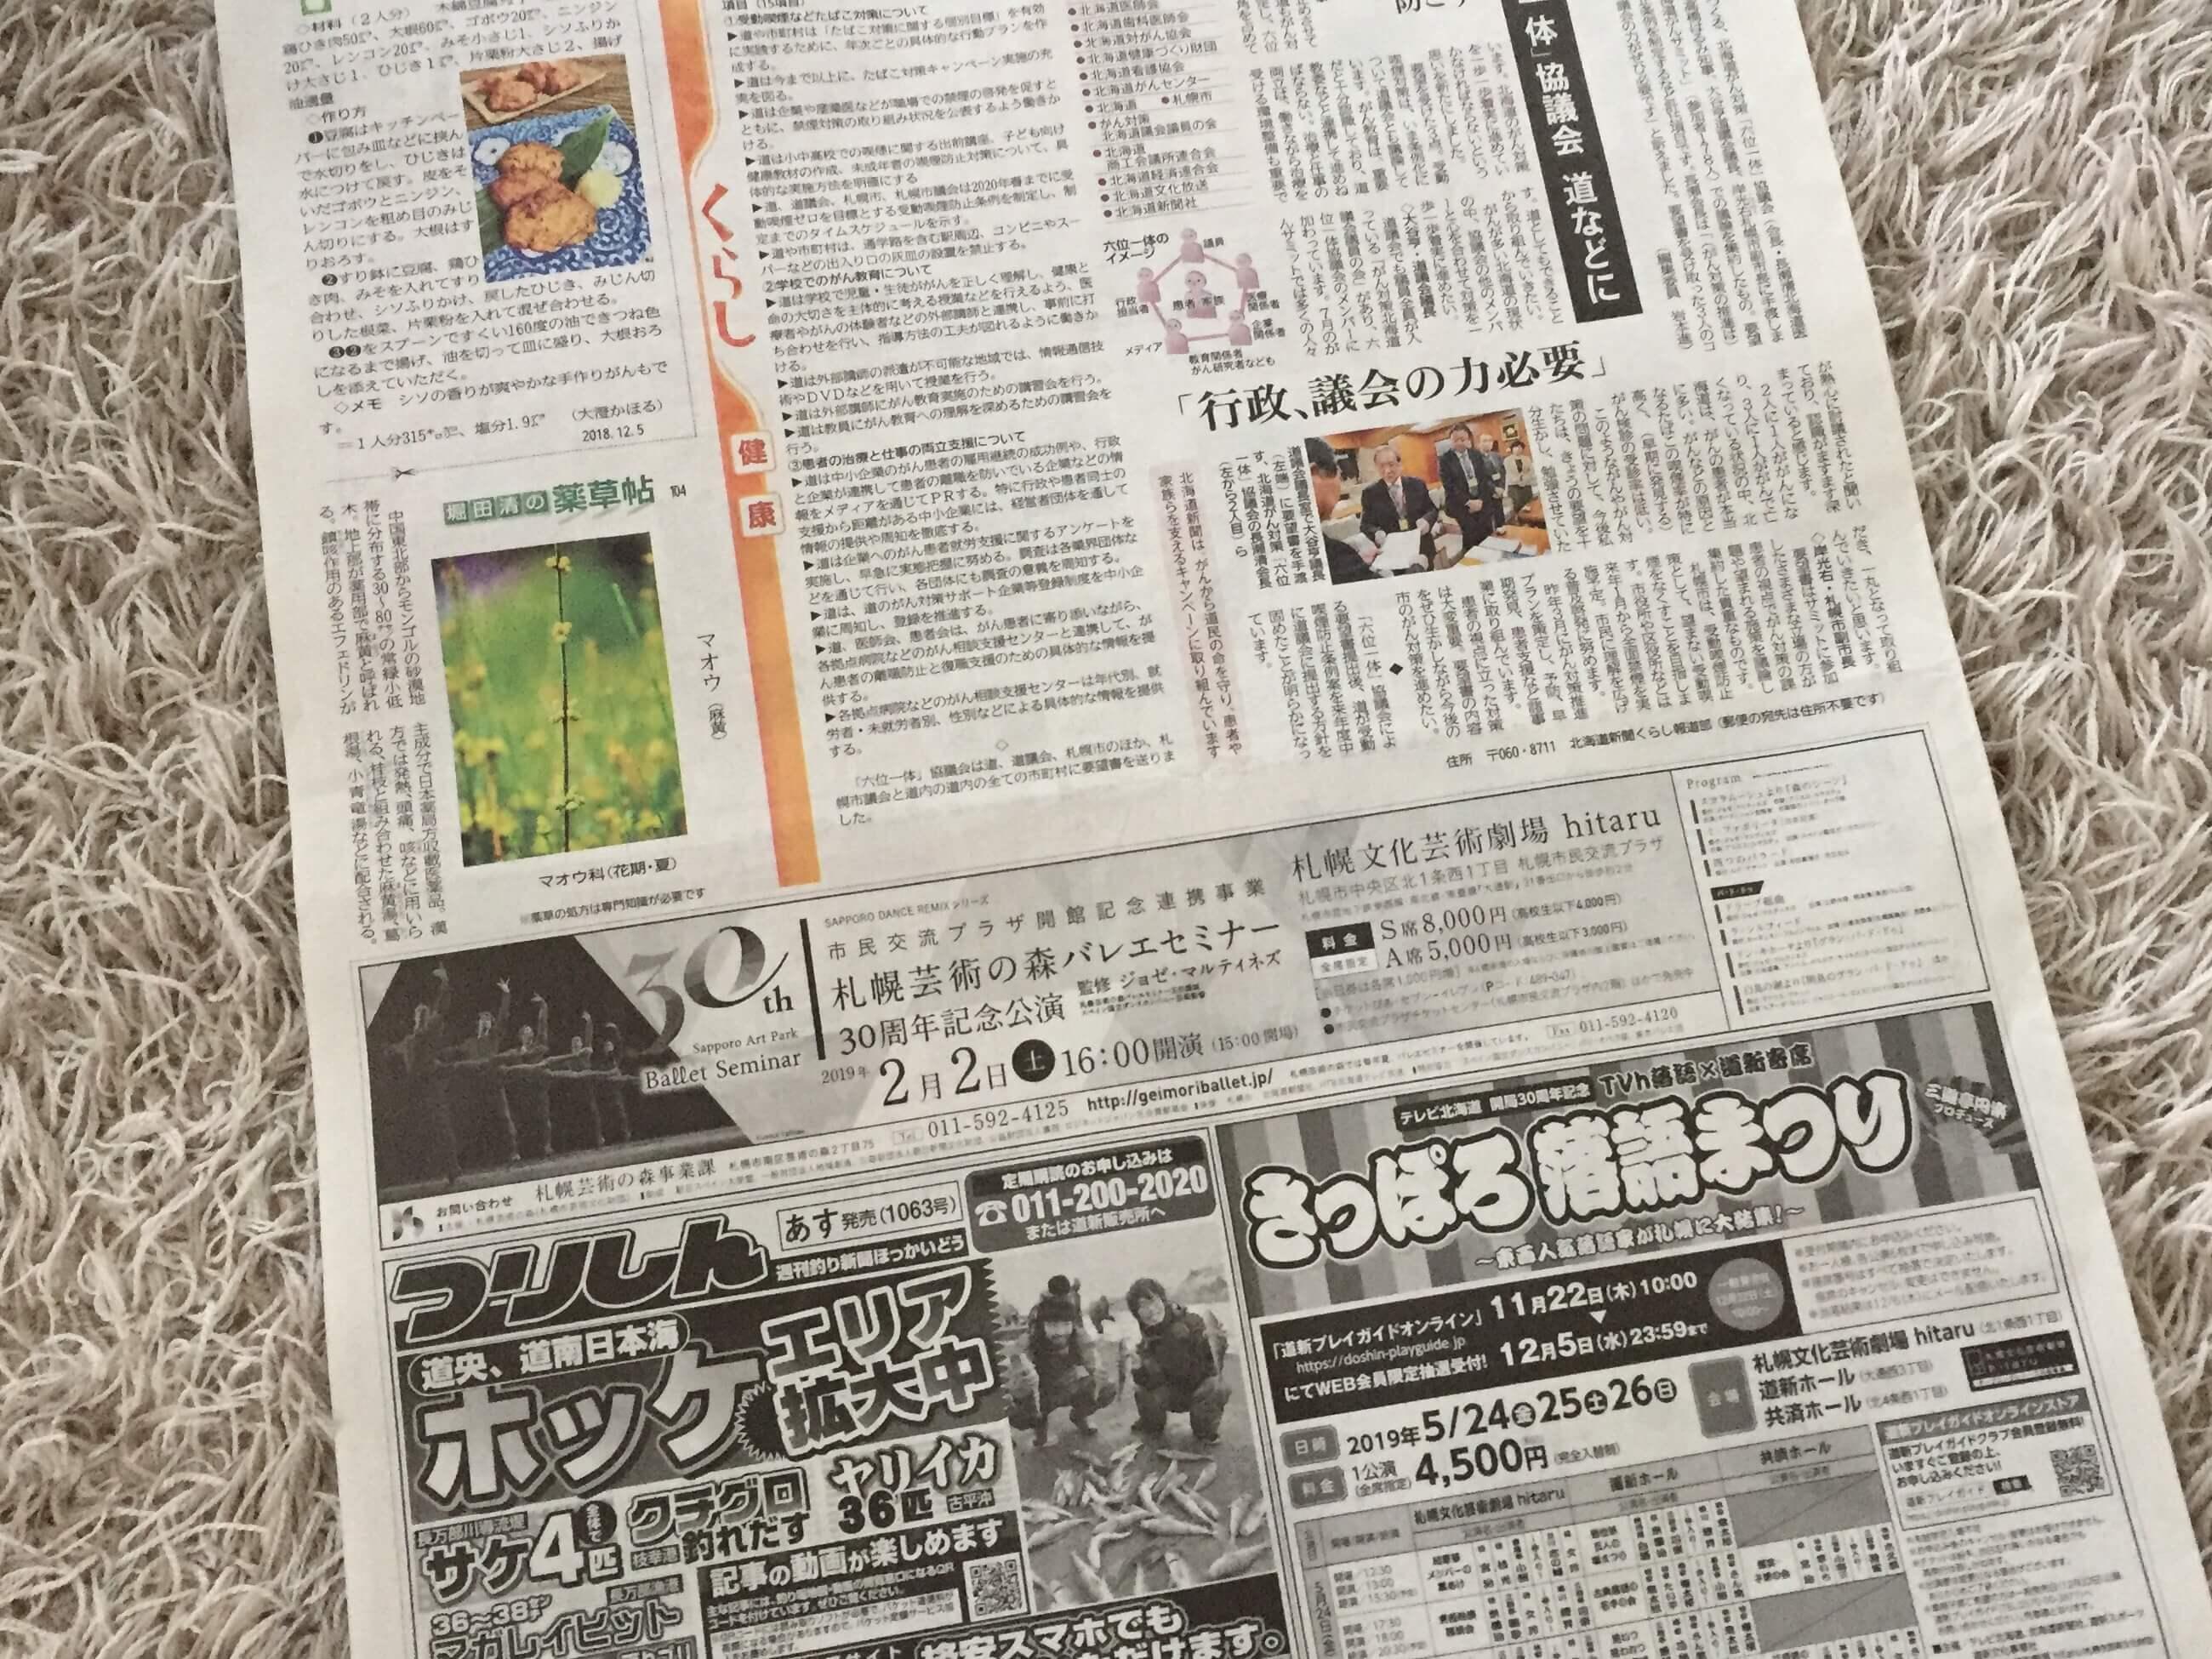 アイロンかけた新聞